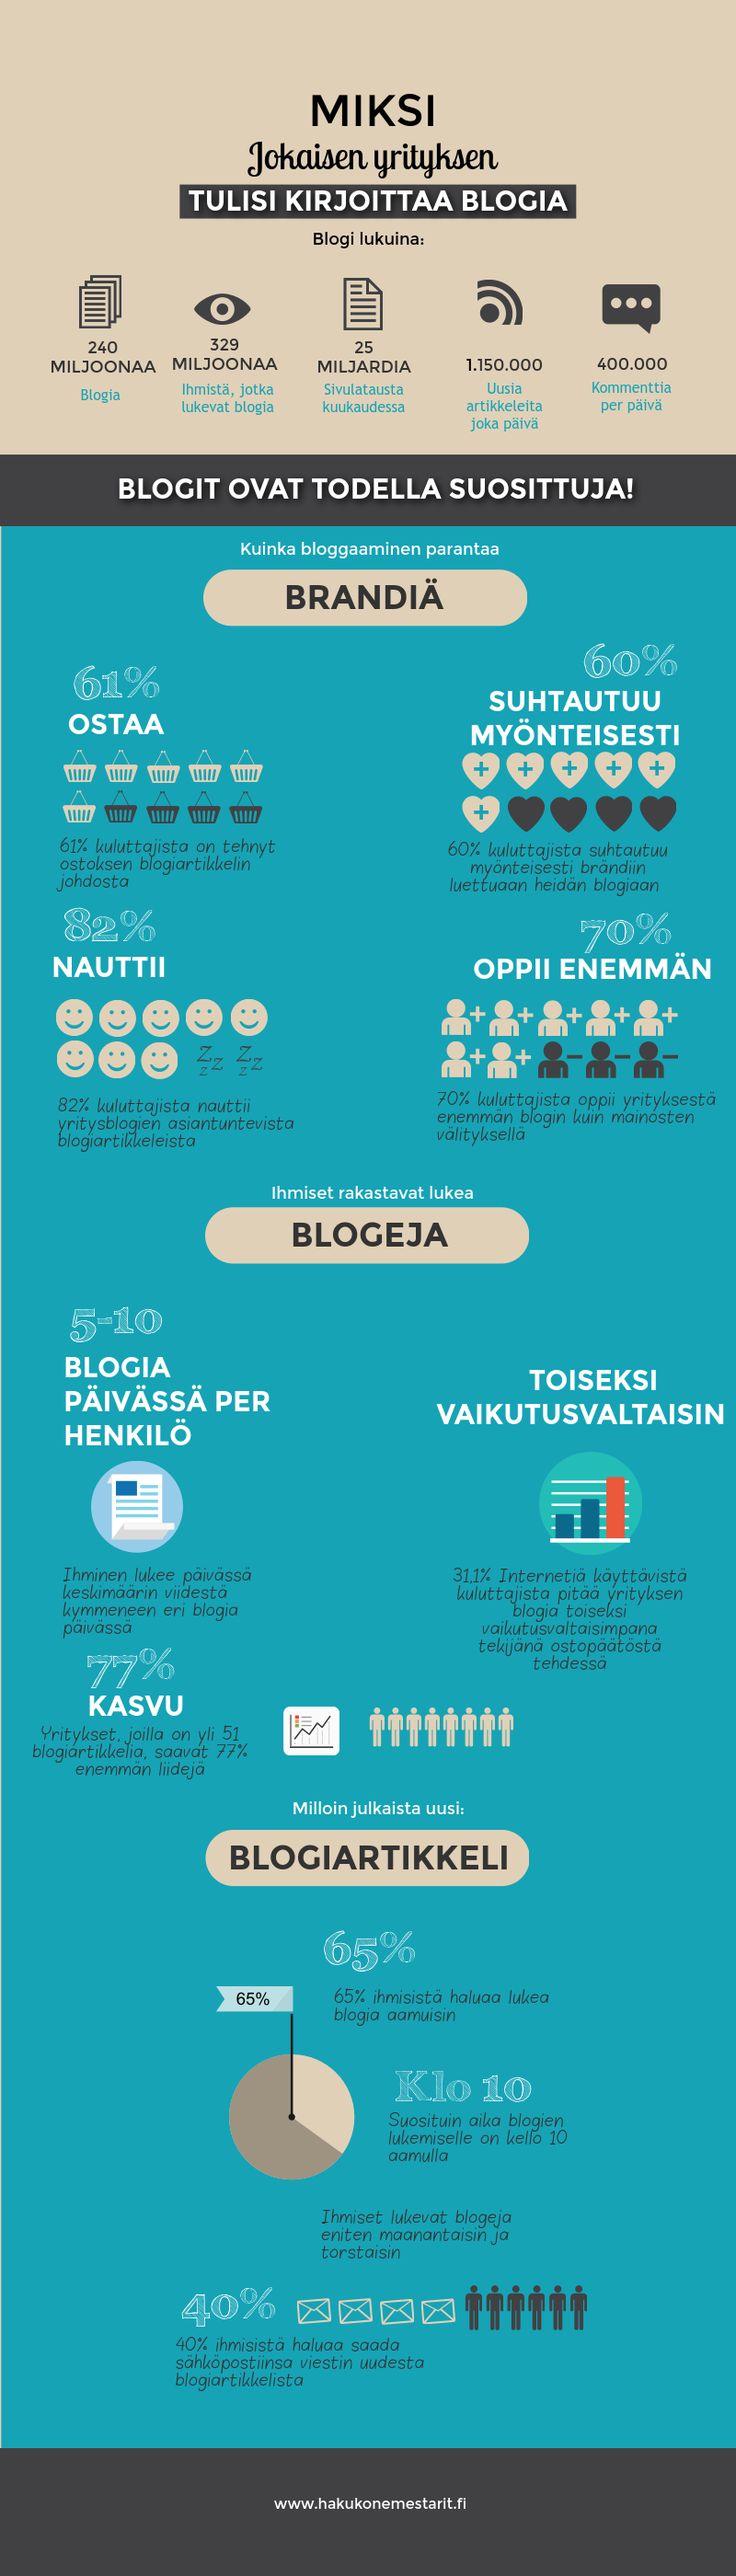 Syyt minkä takia jokaisen yrityksen tulee kirjoittaa blogia. #Blogimarkkinointi #Sisältömarkkinointi #Hakukoneoptimointi #SEO